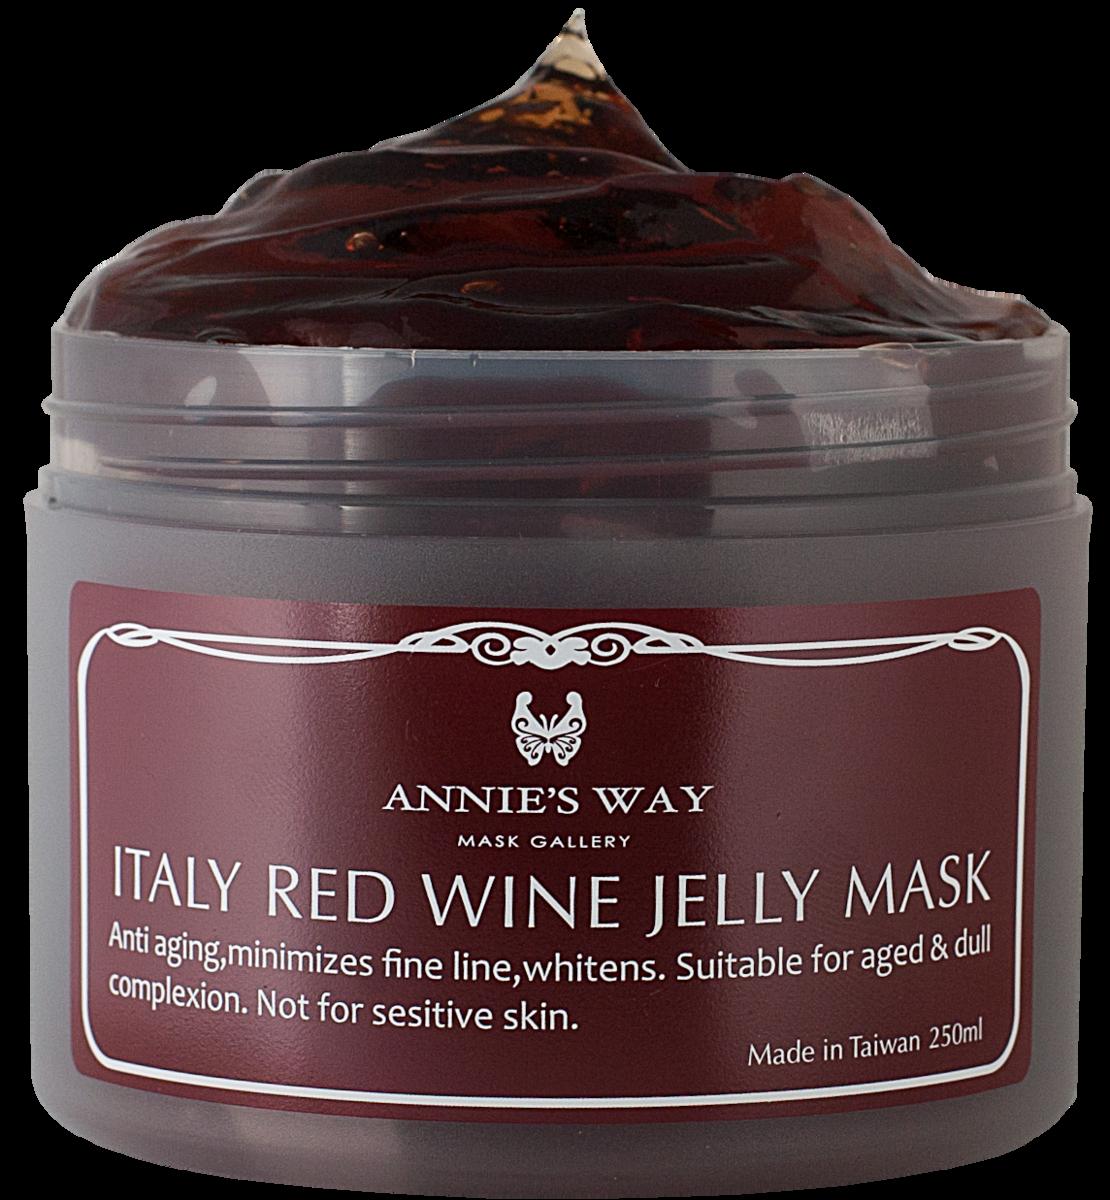 義大利紅酒果凍面膜 250毫升